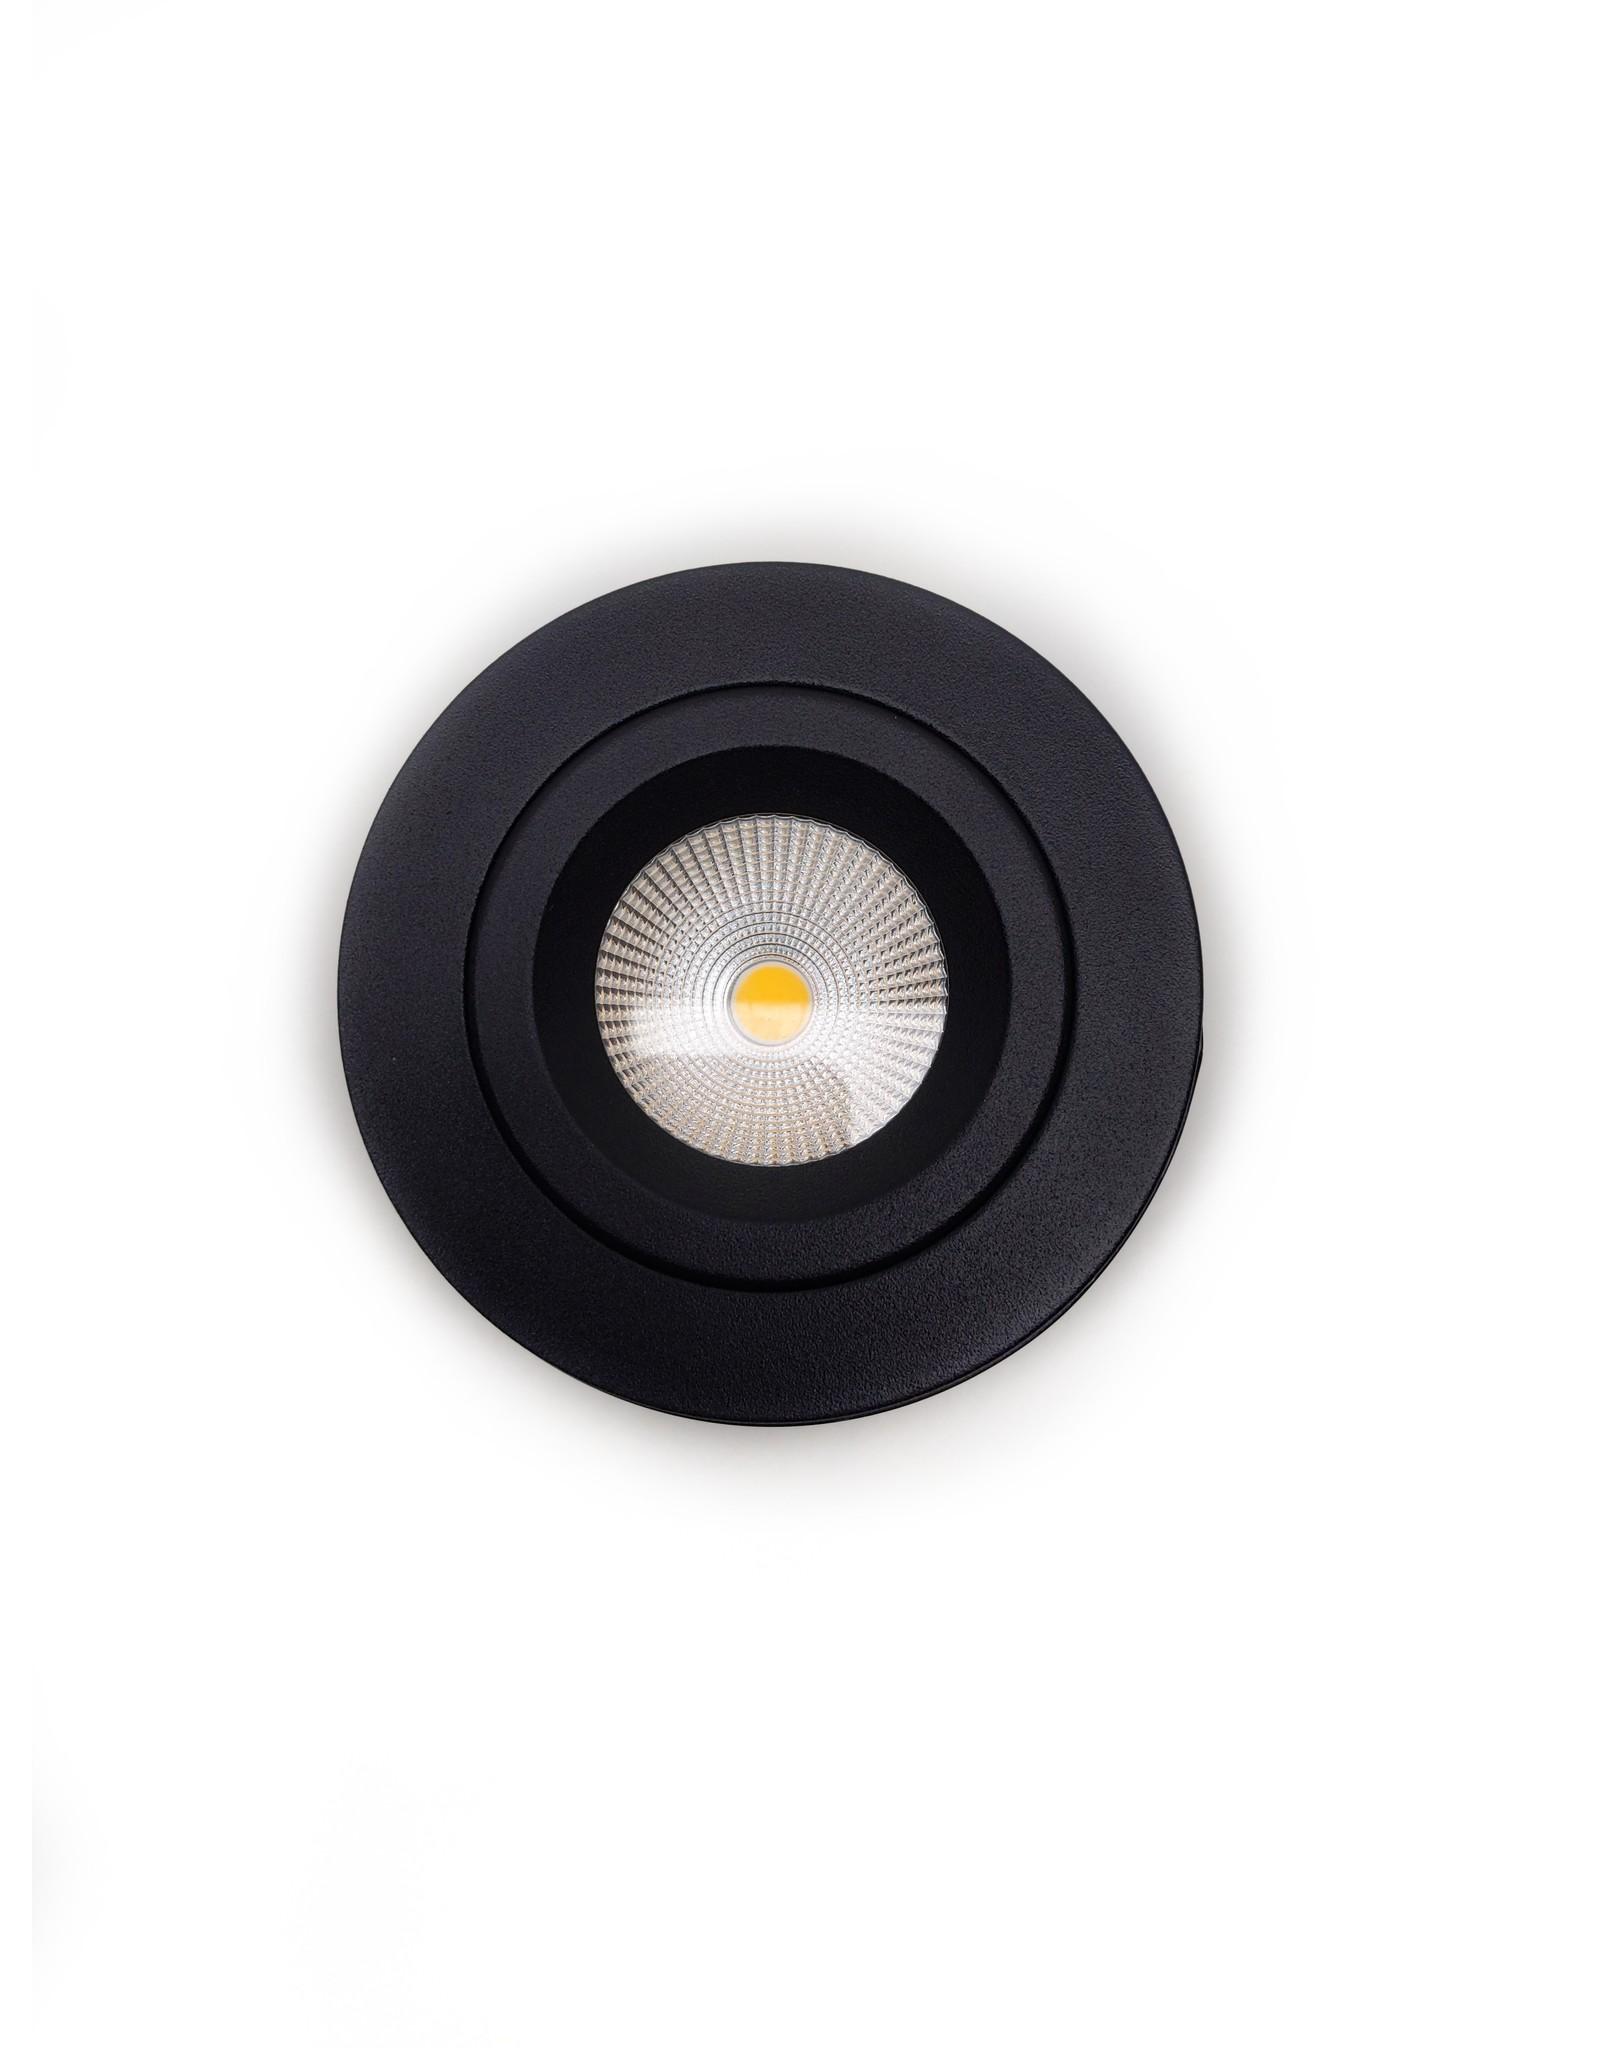 LedLed Tonny LED Kantelspot Opbouw Rond Zwart 2700k  Dimbaar